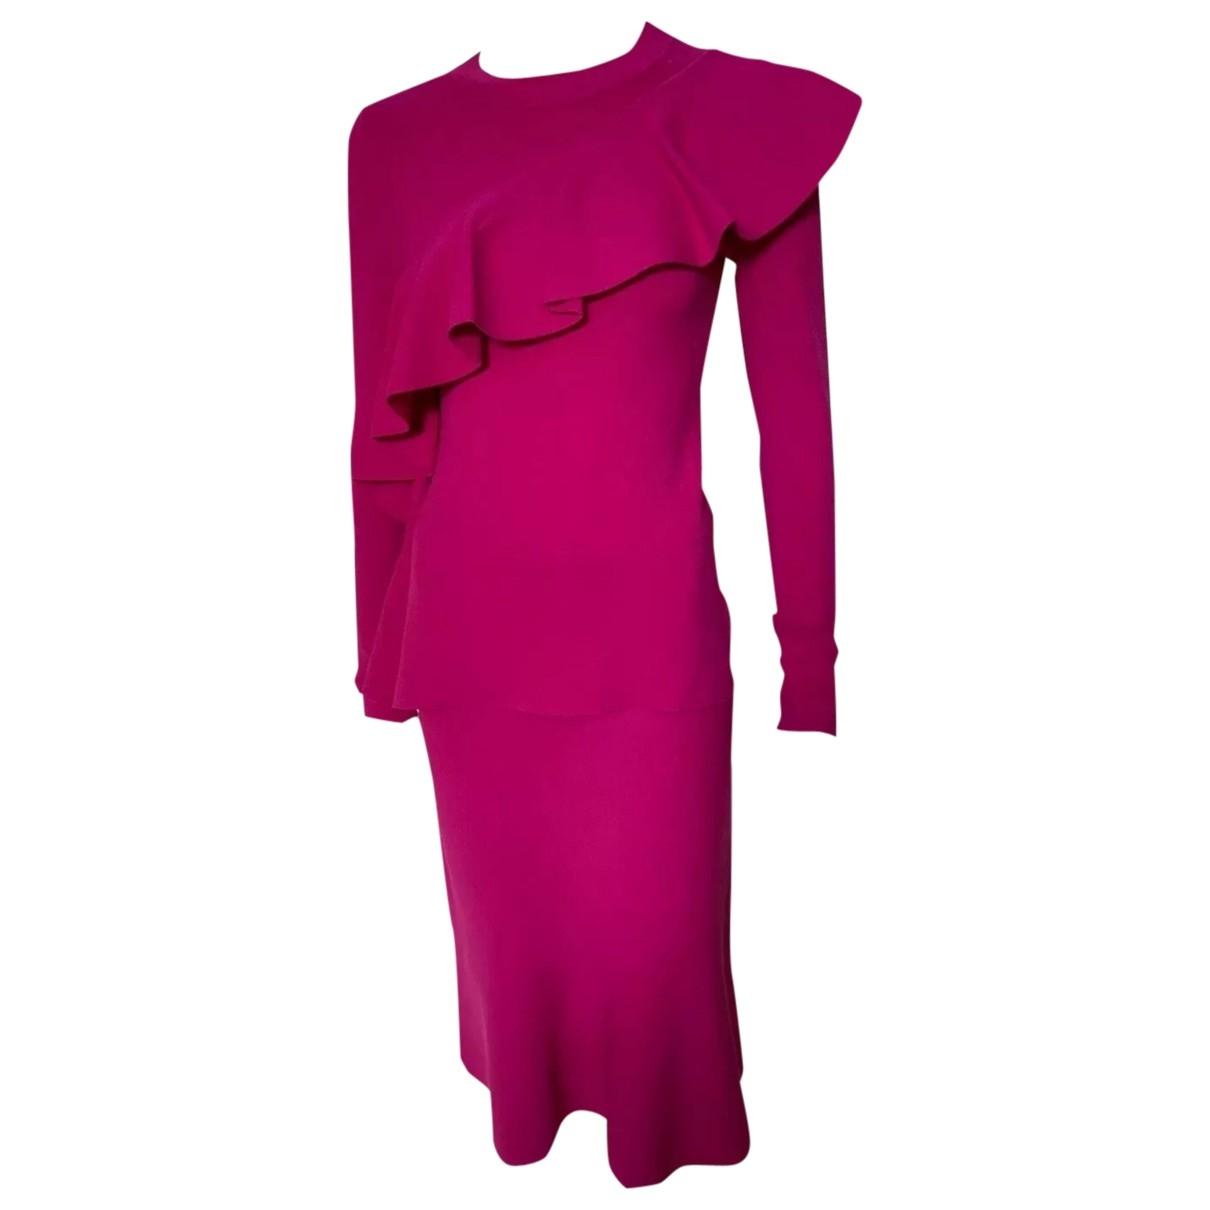 Diane Von Furstenberg \N Pink dress for Women S International